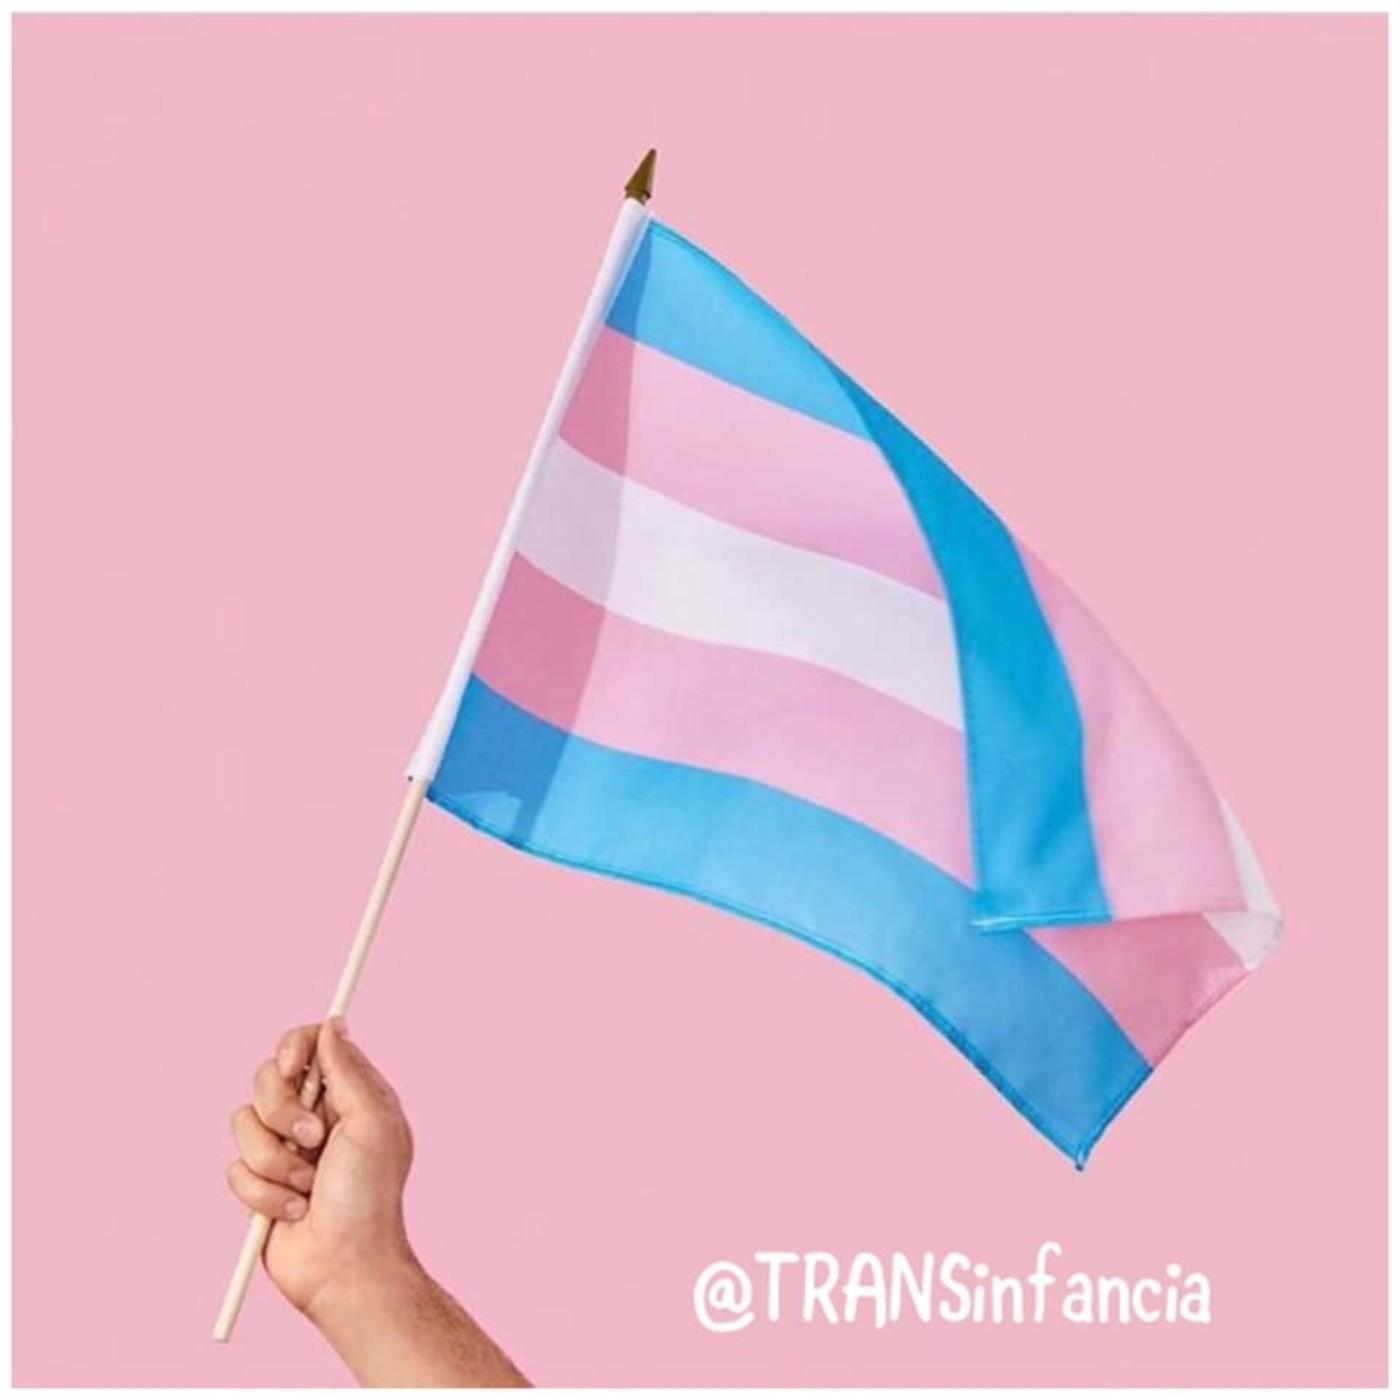 Nueva York deroga ley en favor de transexuales